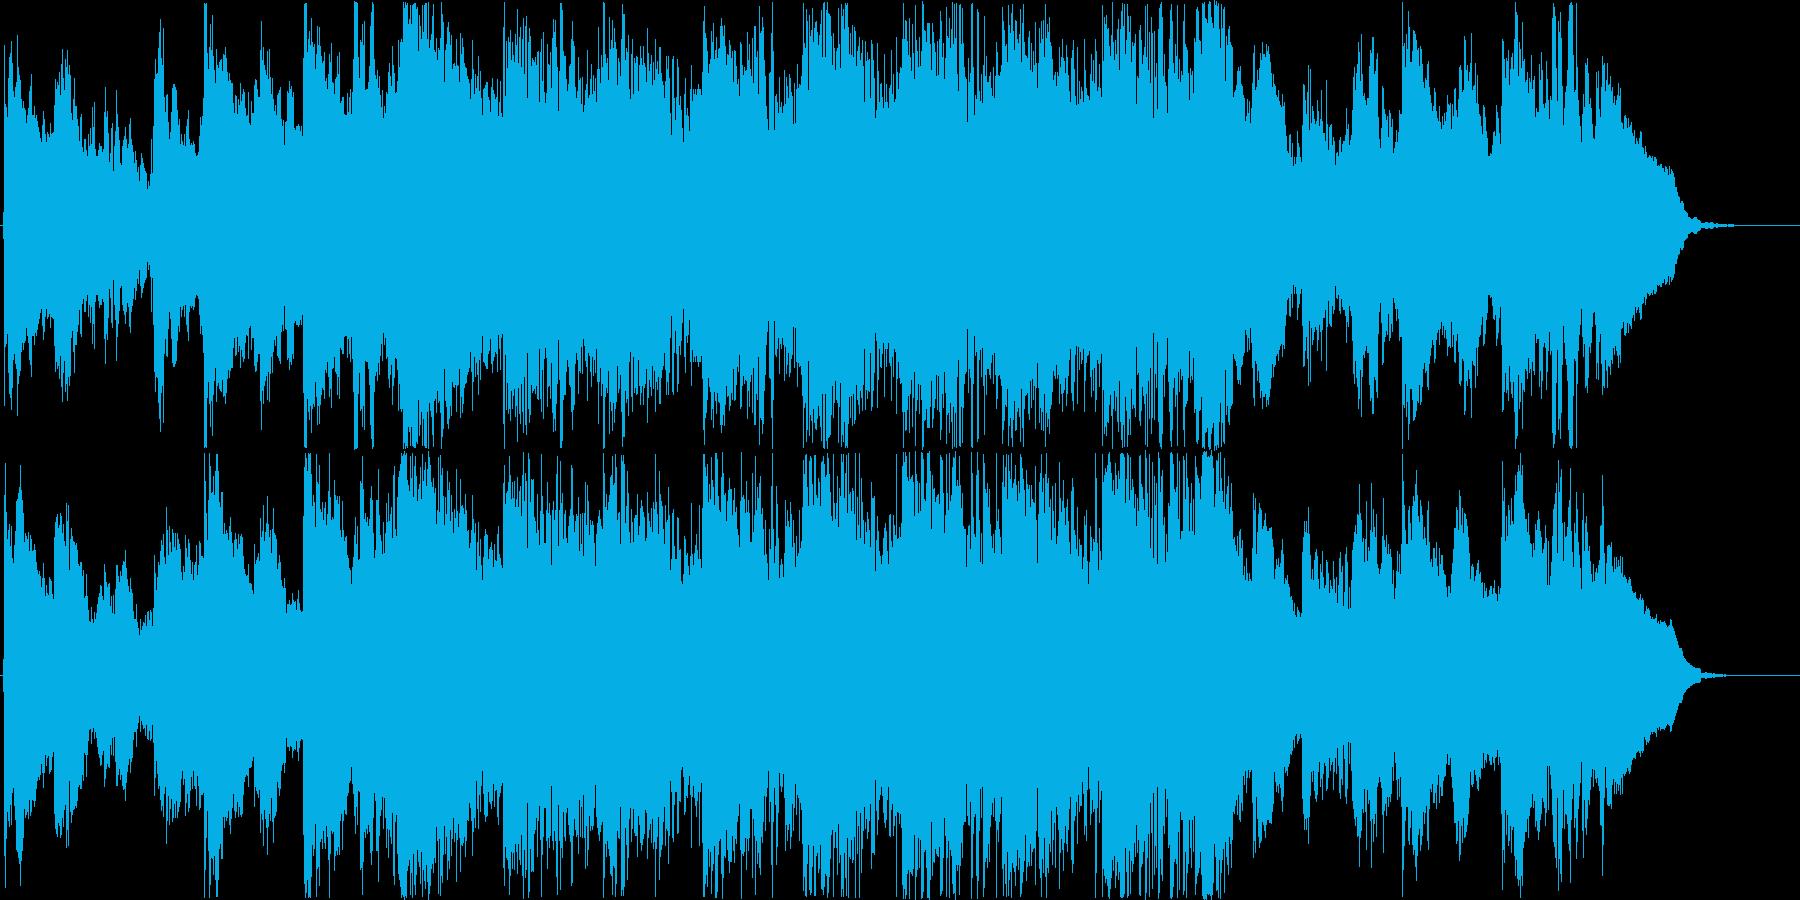 【トレイラー】荘厳なハリウッド系サウンドの再生済みの波形